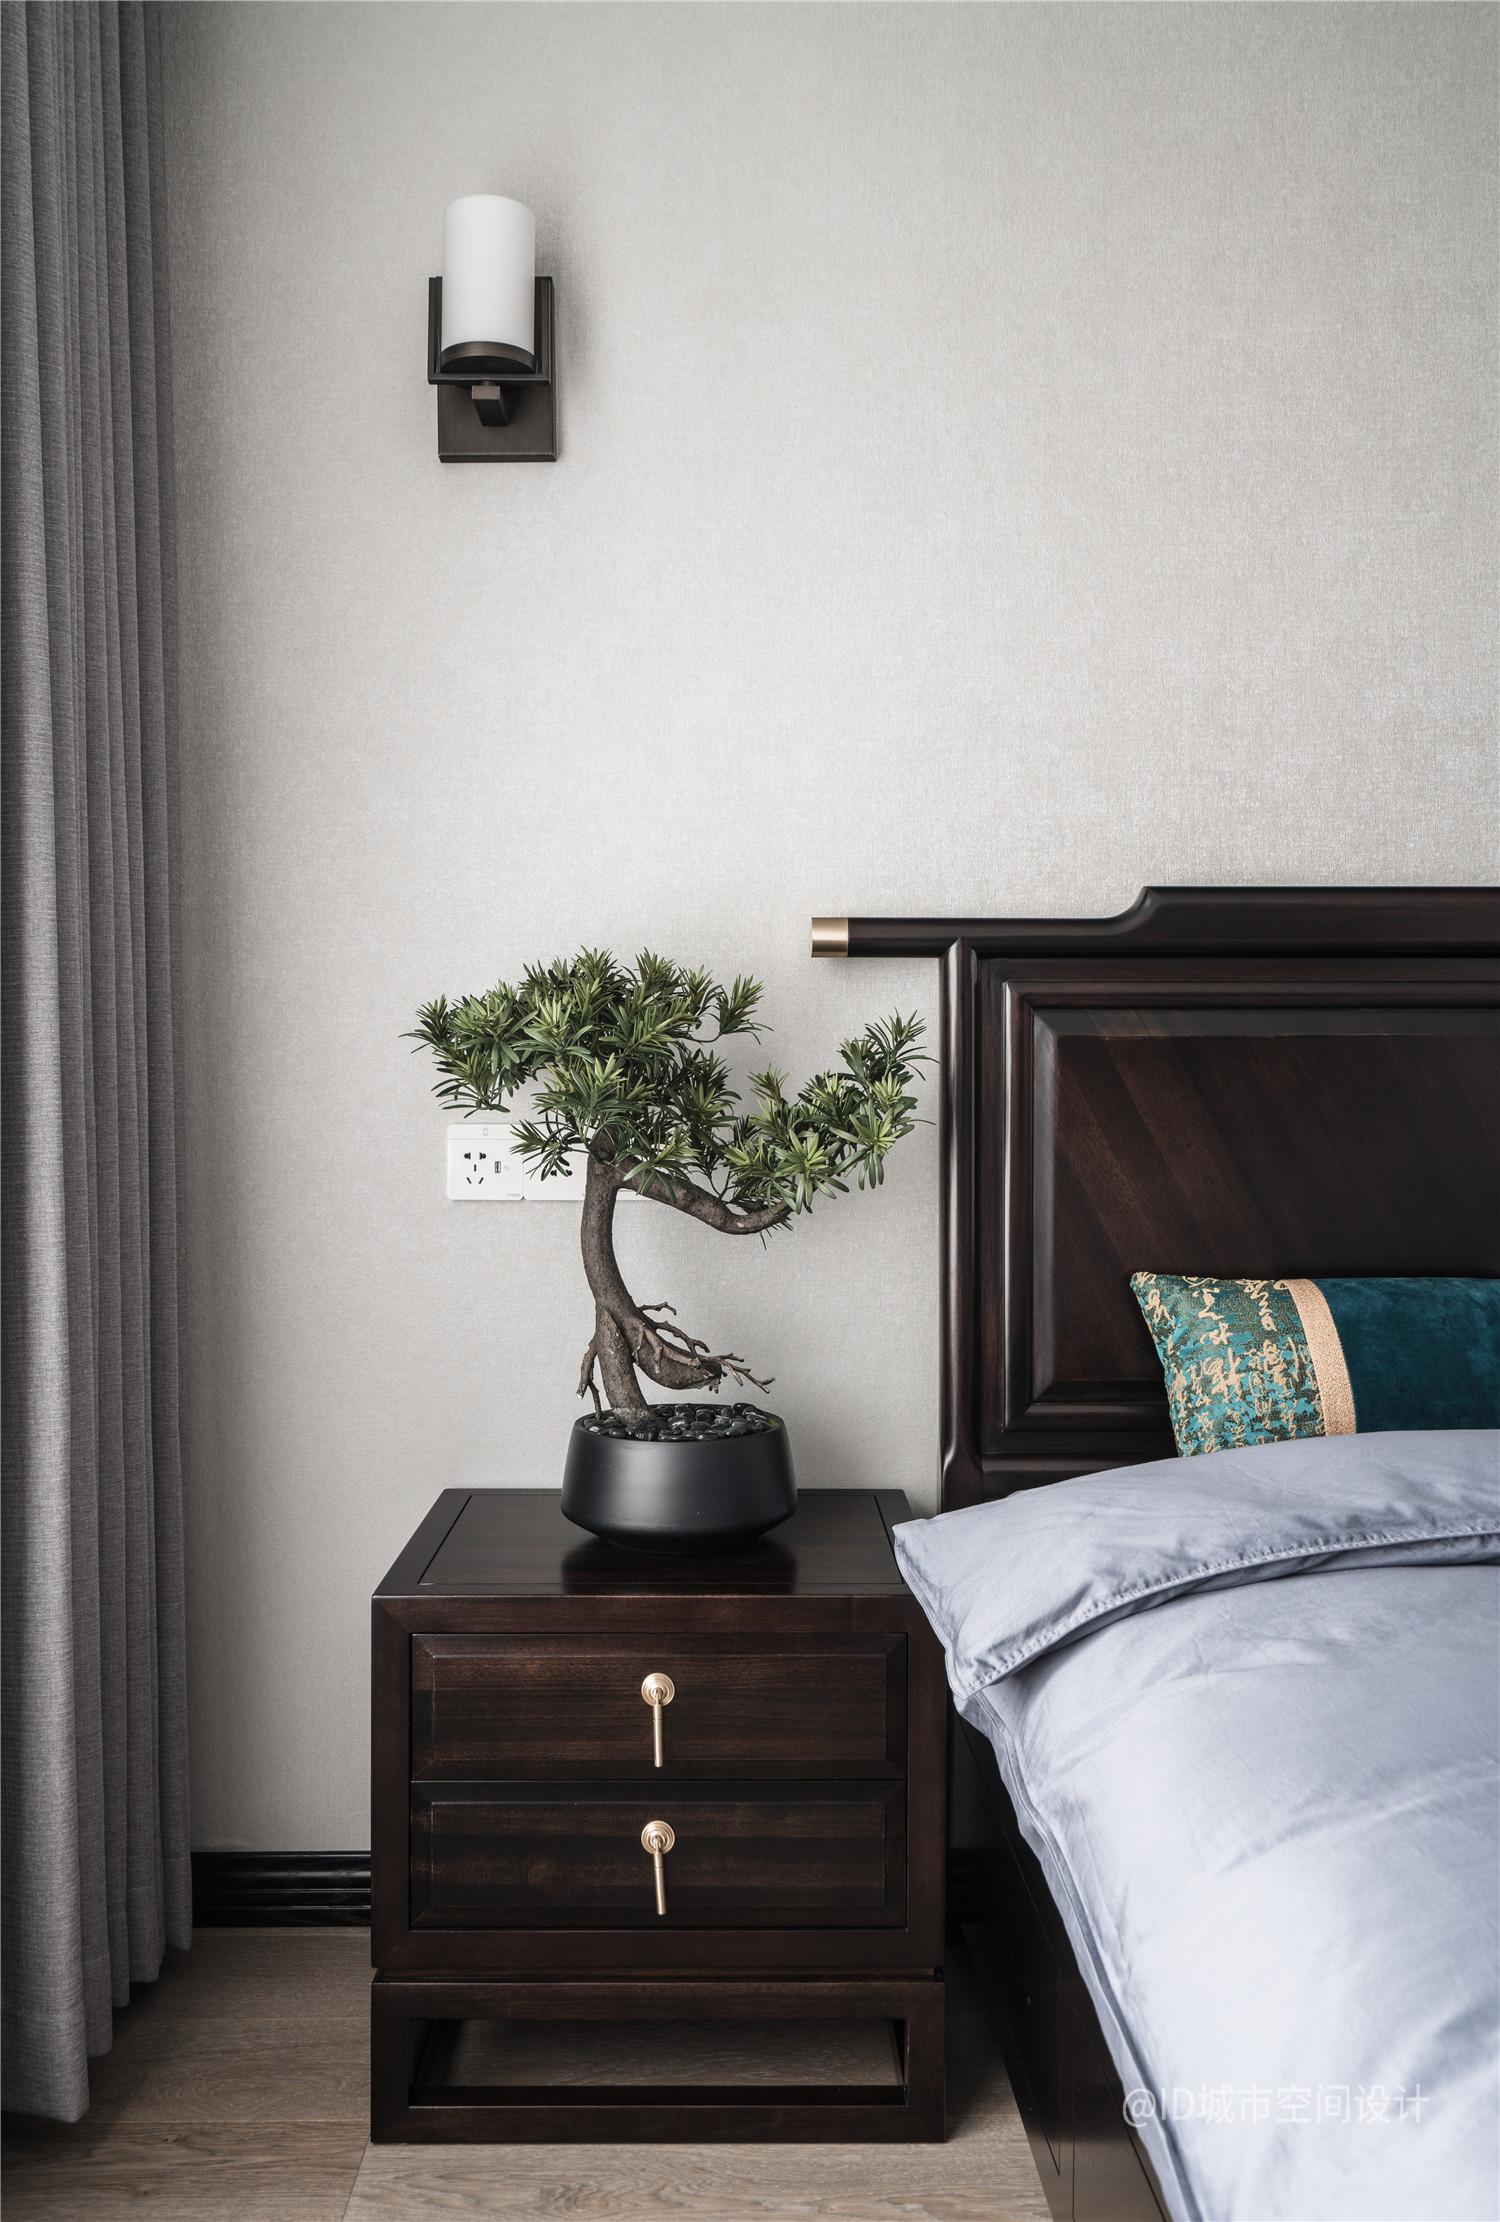 新中式风三居室装修床头柜设计图